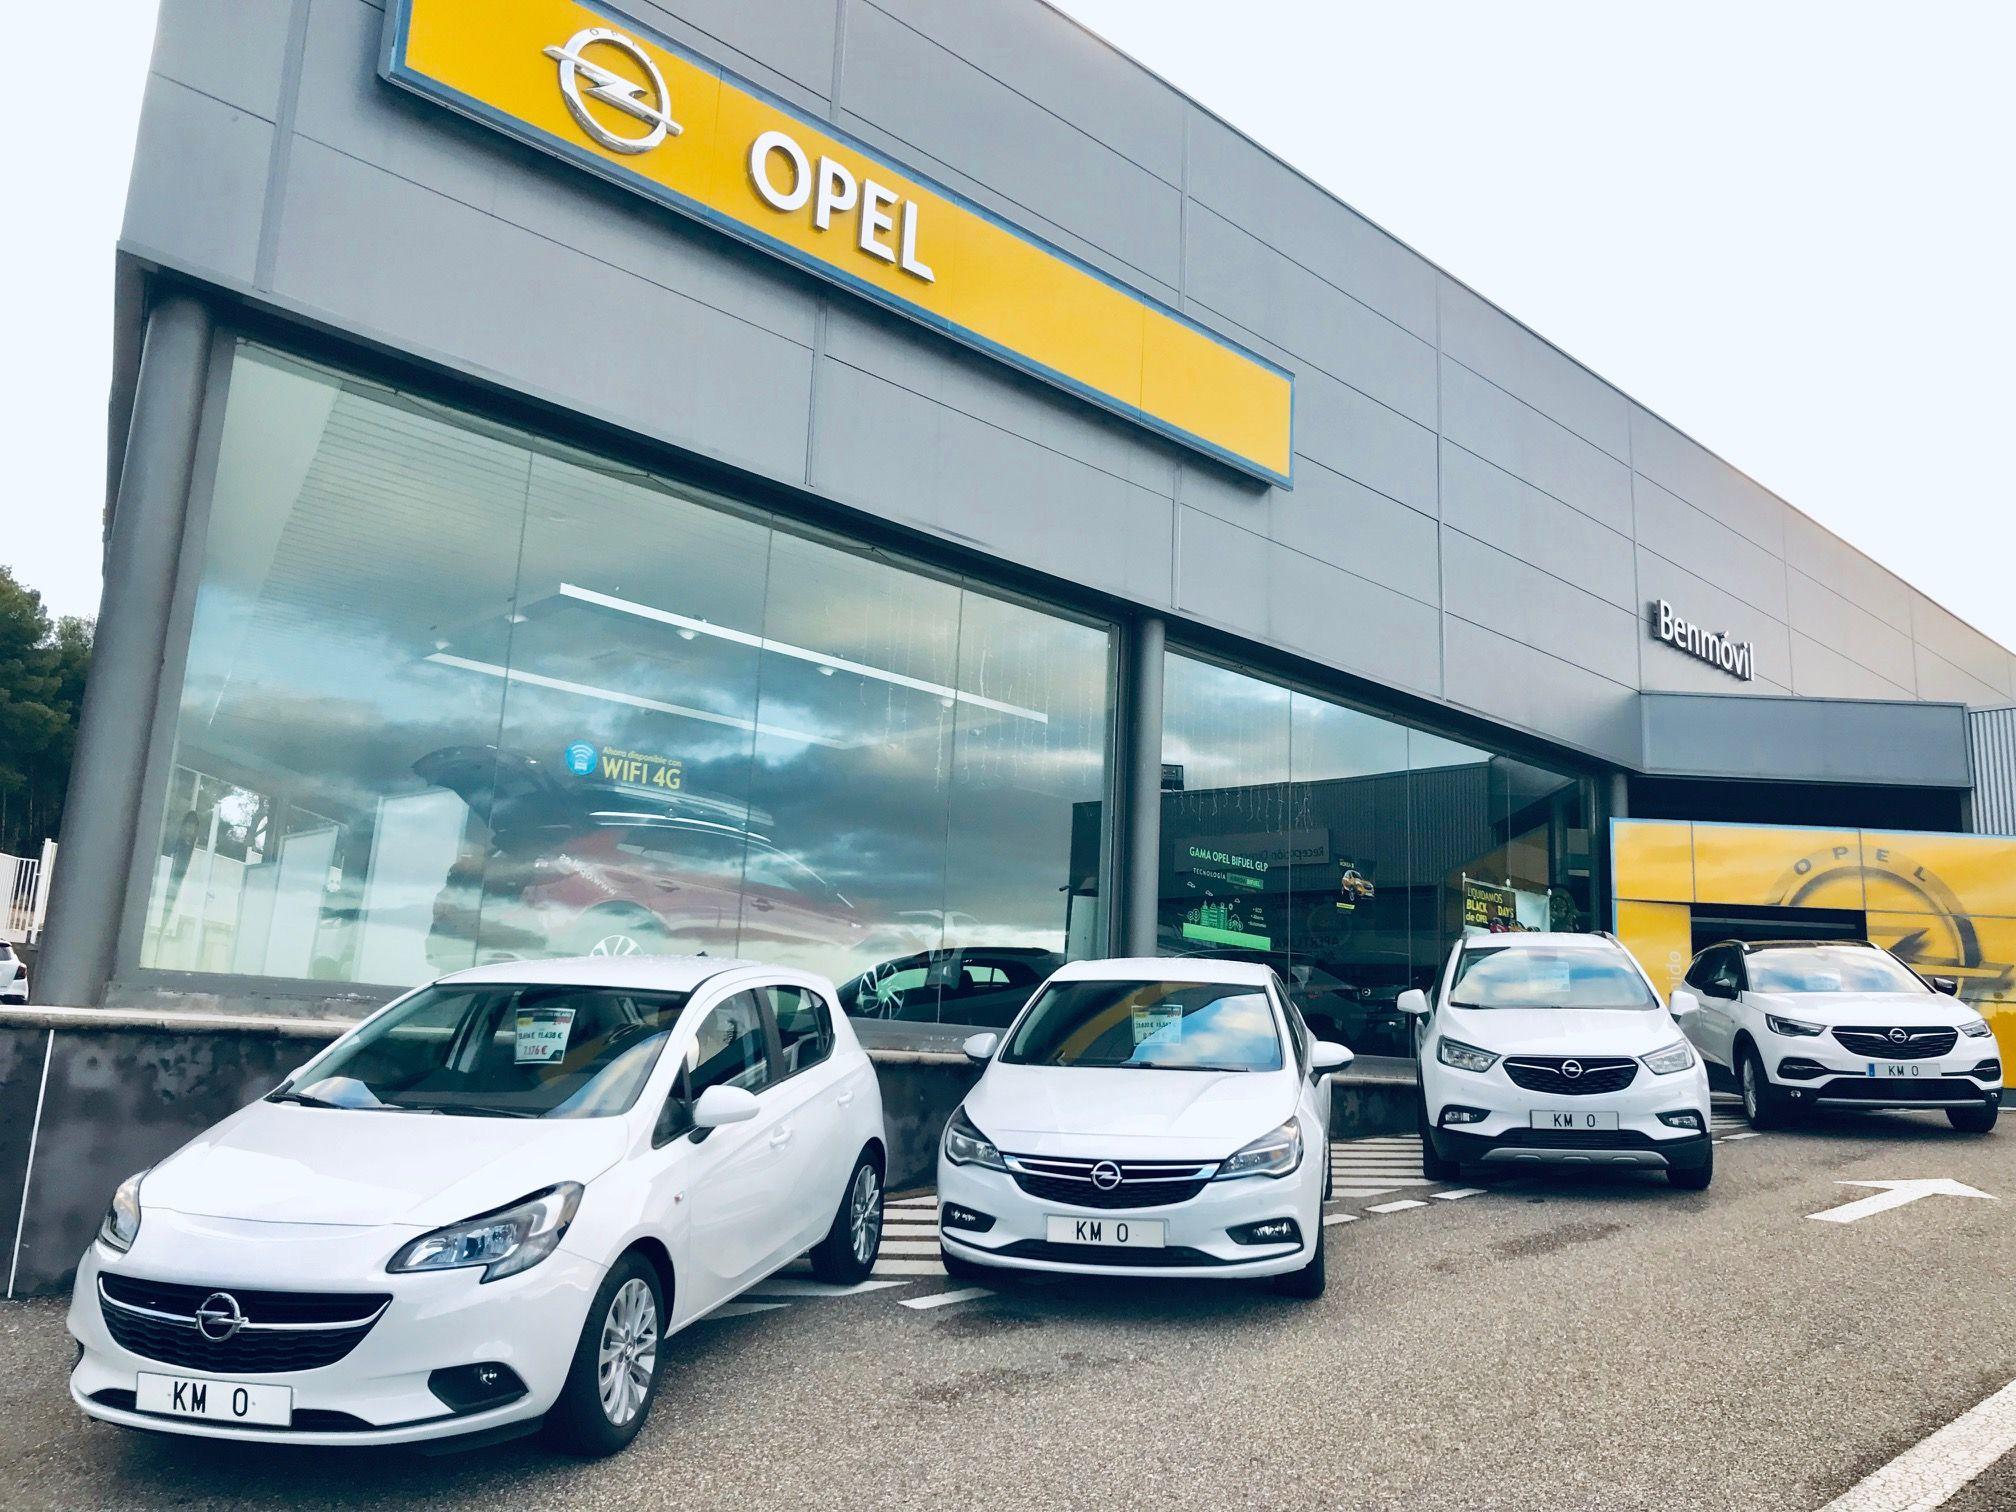 Limite 48 horas para unicos 4 Opel KM0